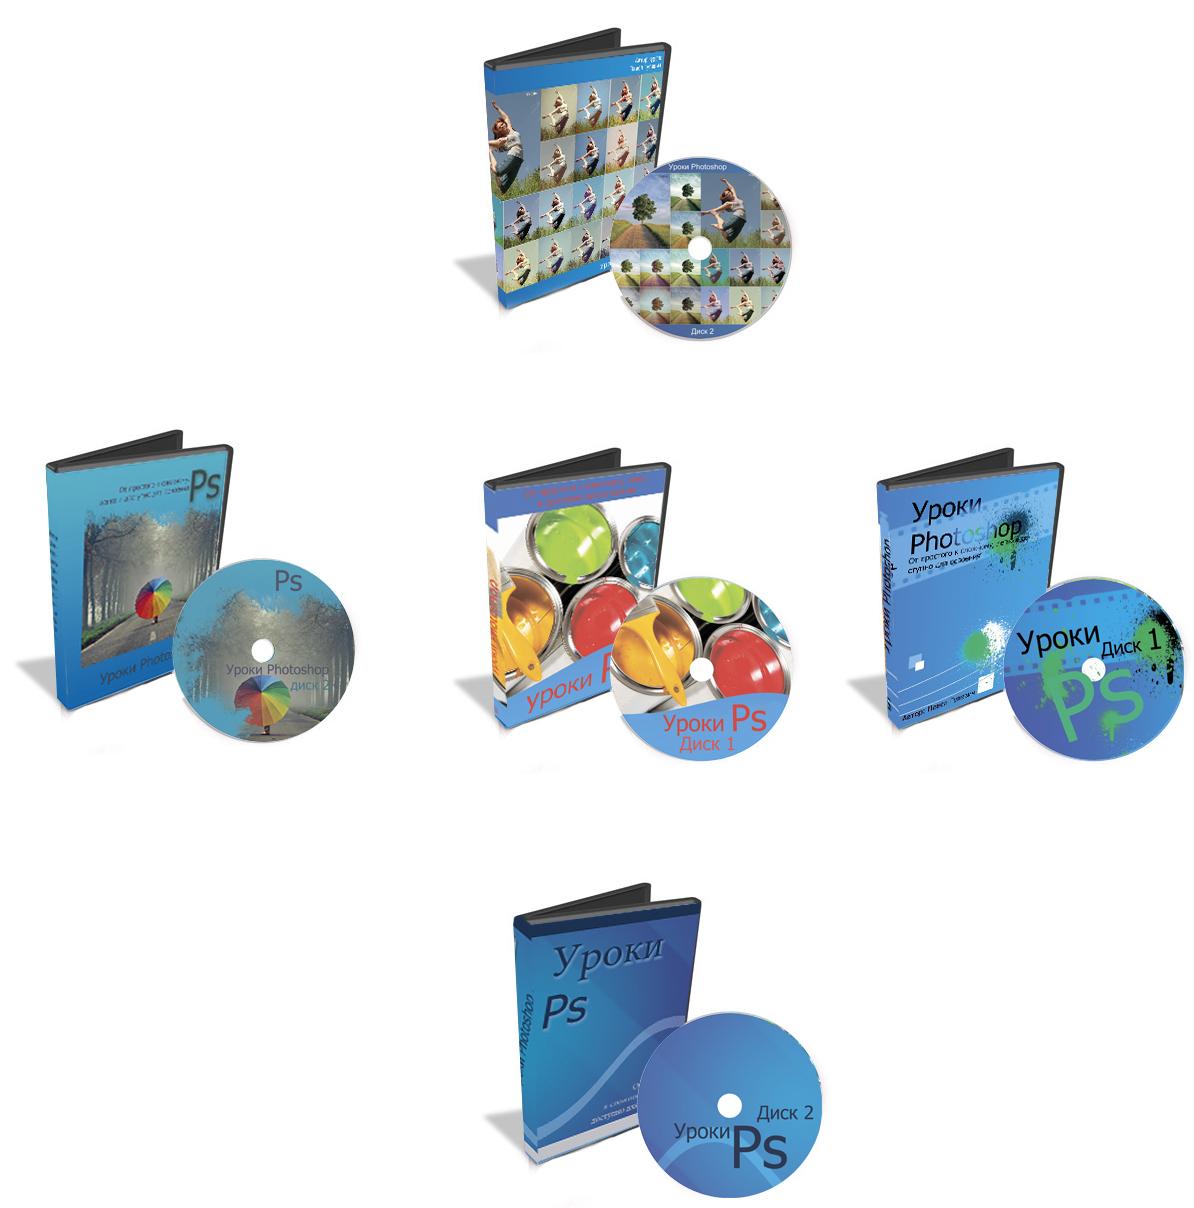 Создание дизайна DVD релиза (обложка, накатка, меню и т.п.) фото f_4d8d0cfecc721.jpg